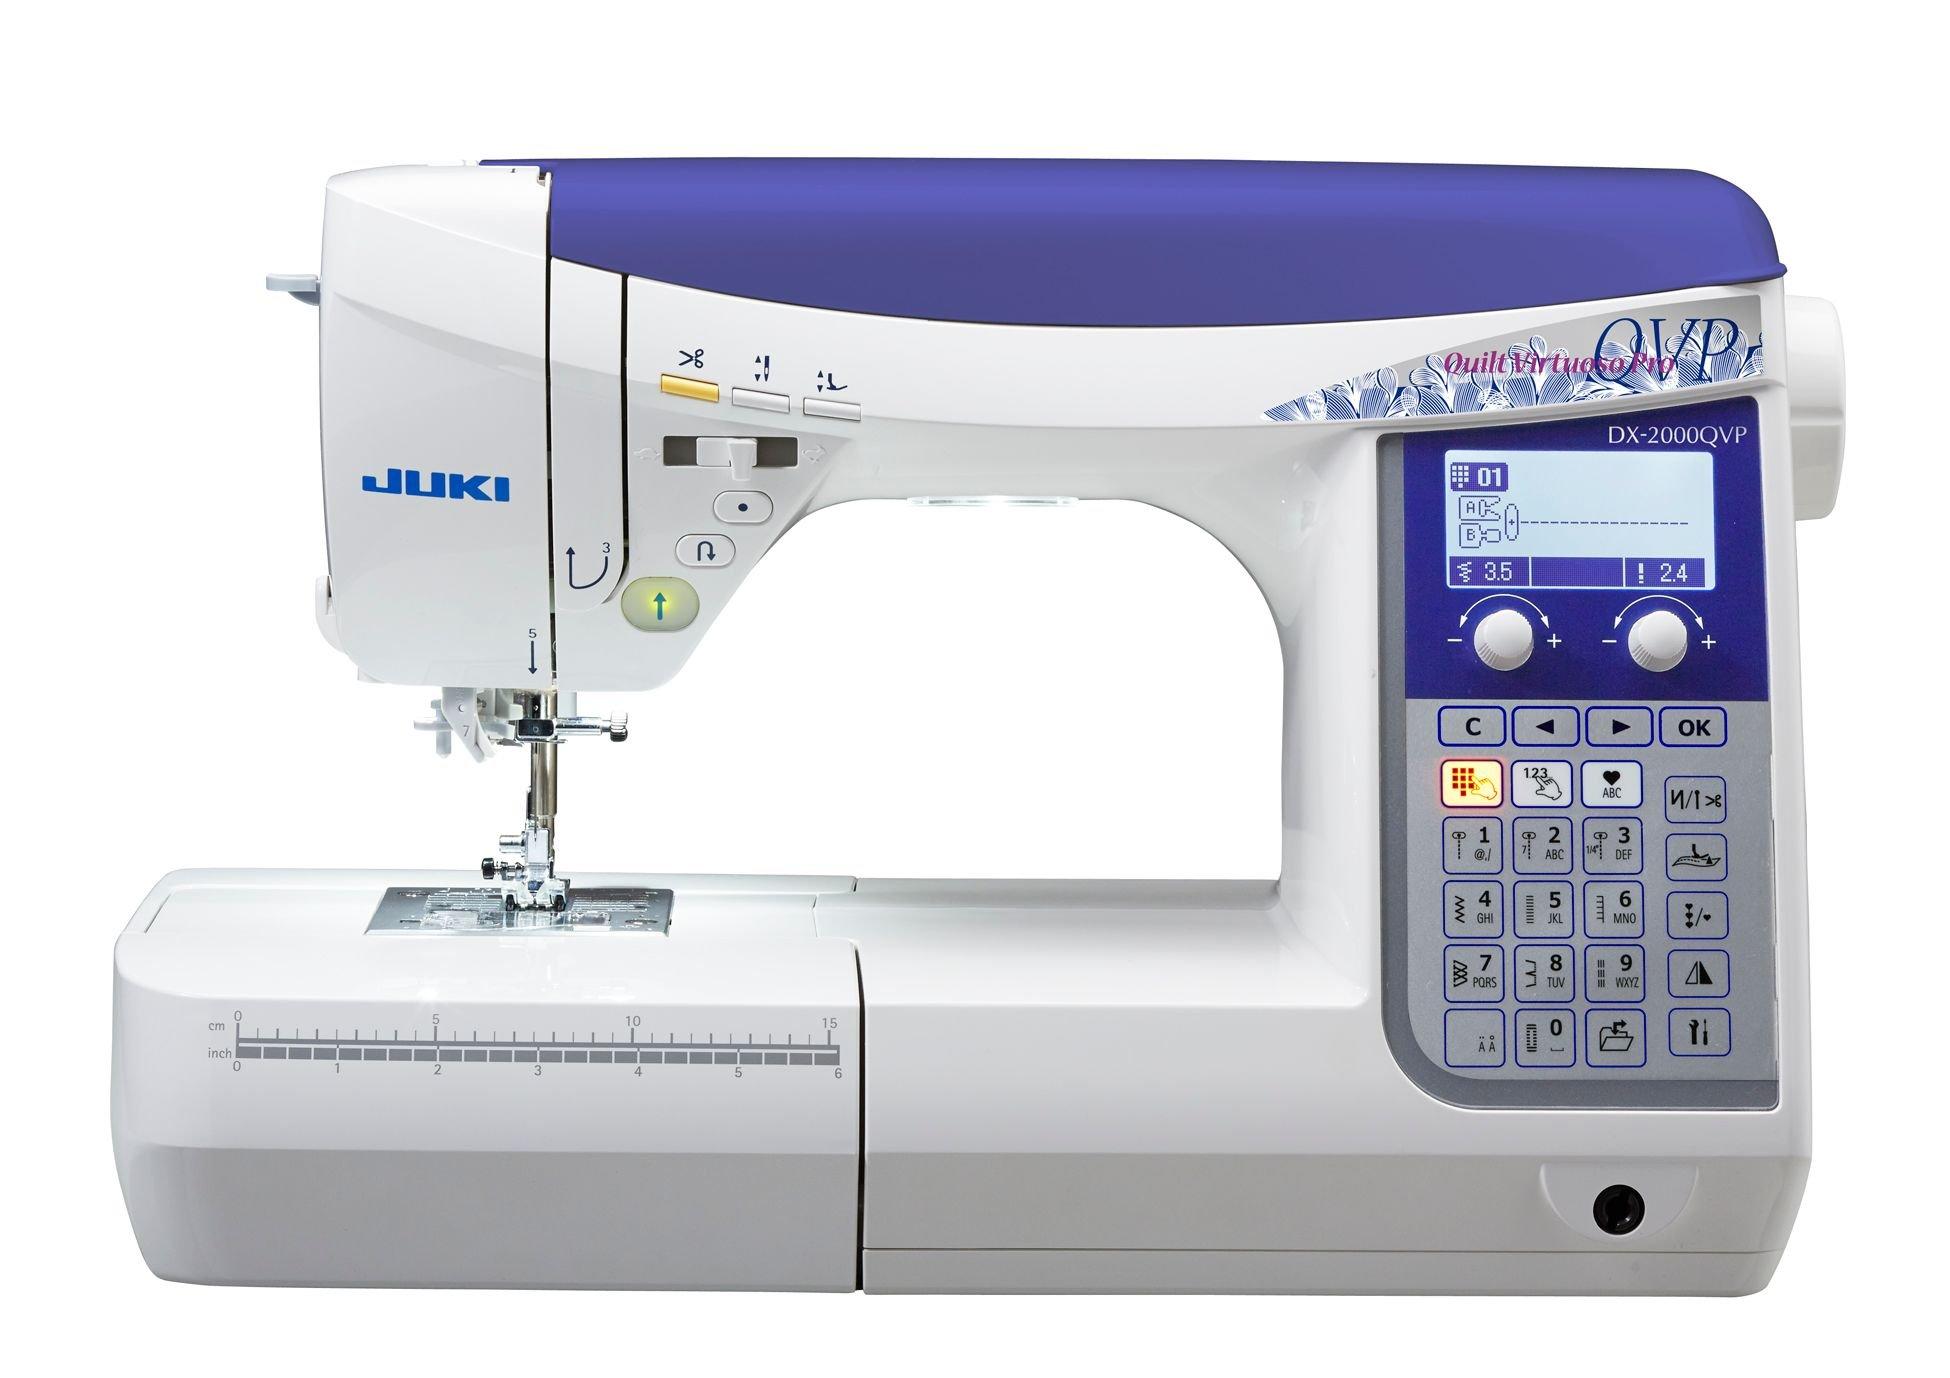 JUKI DX-2000QVP Sewing Machine